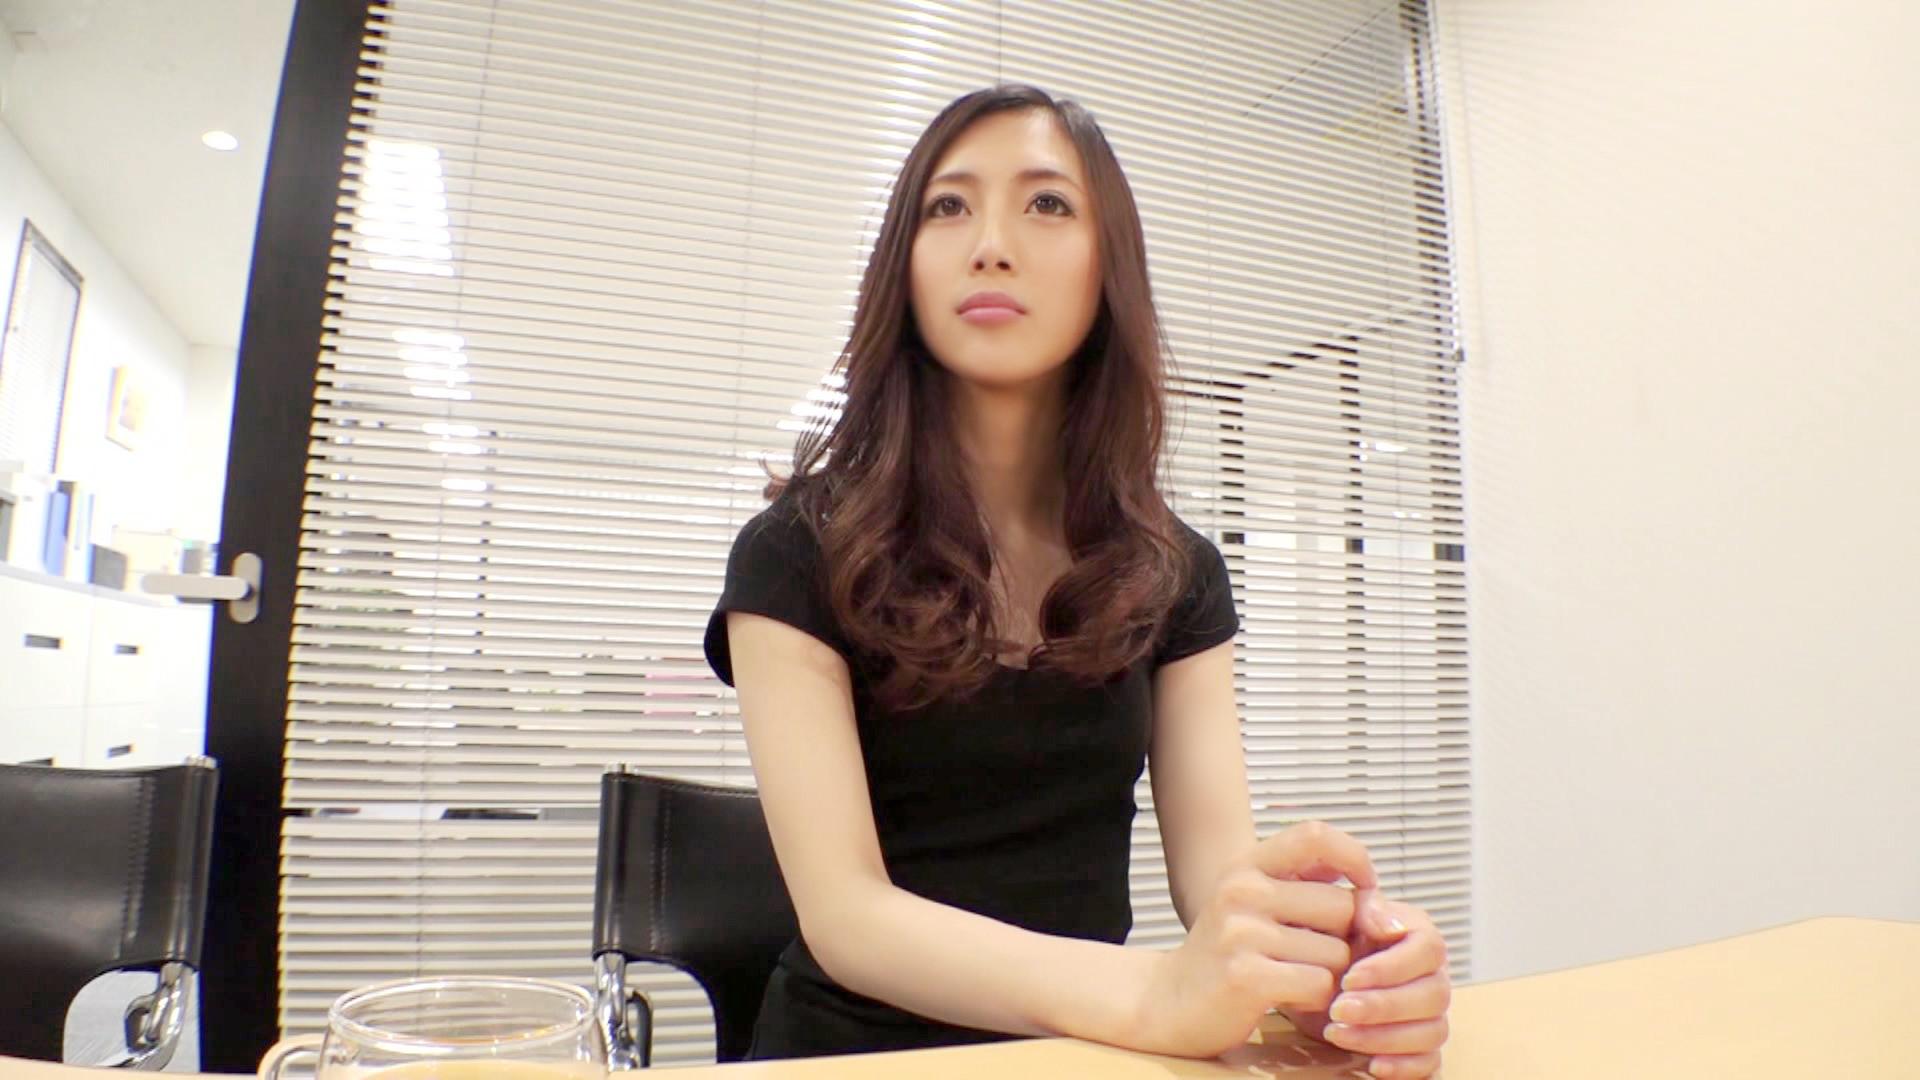 エロエロ!AV面接 AV女優のたまごにセクハラ面接☆ 画像13